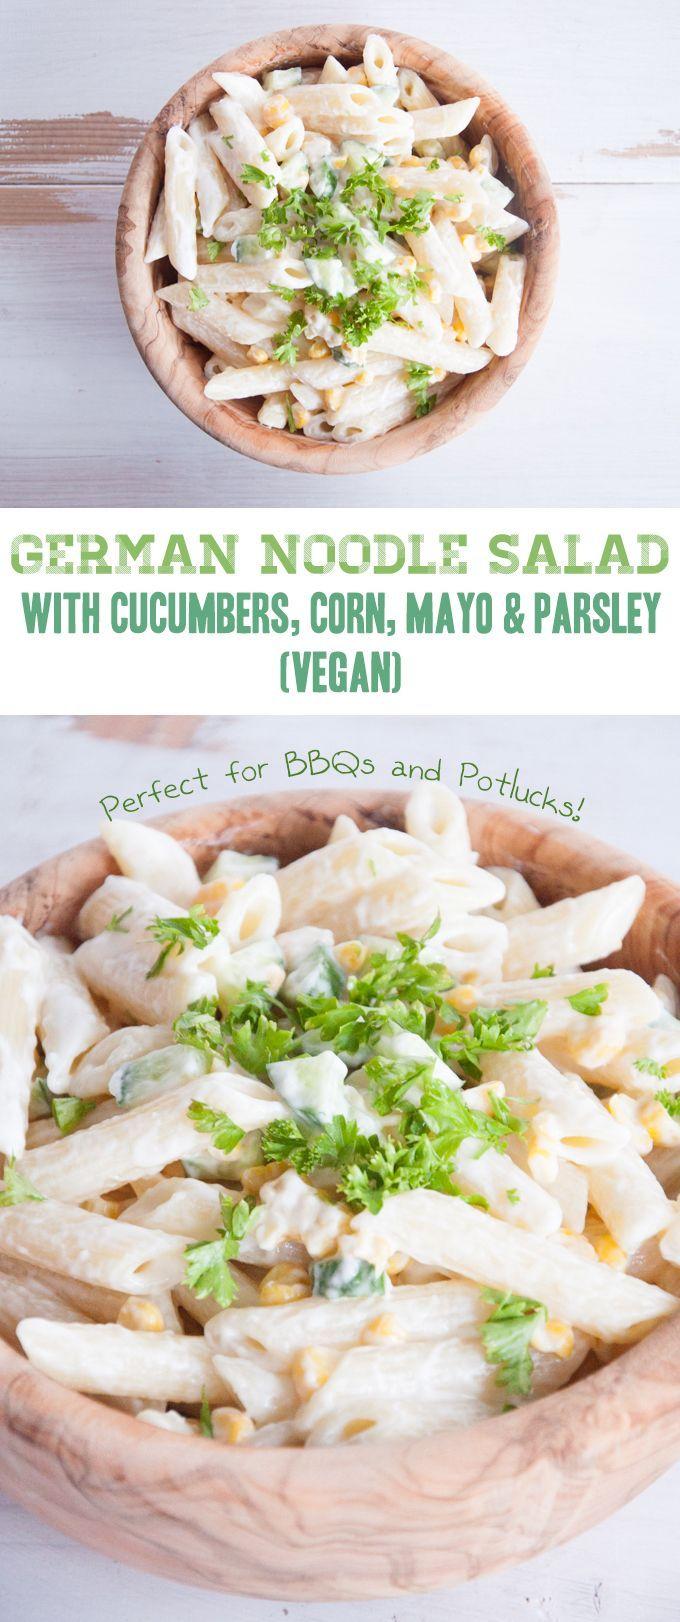 Vegan German Noodle Salad | Scratch the corn, and I'm IN! | ElephantasticVegan.com